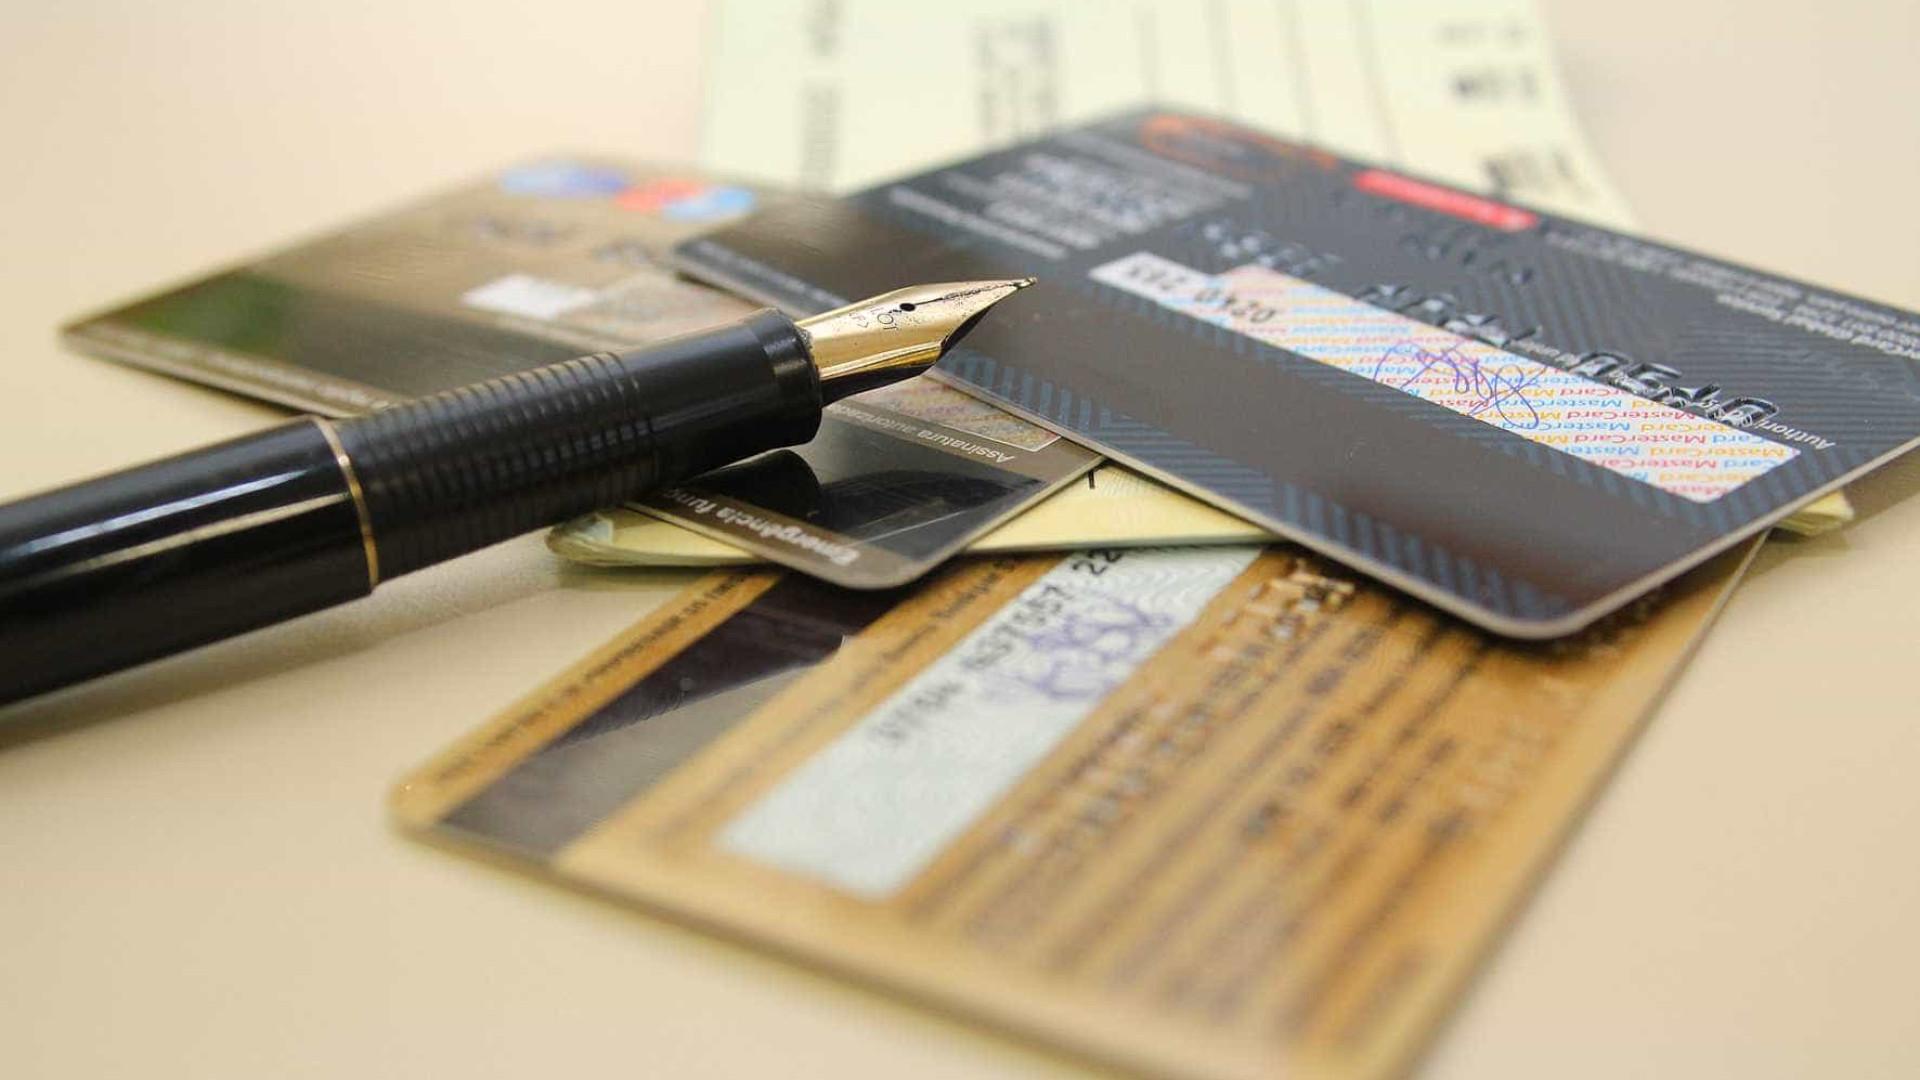 Itaú extingue cartão Diners e substitui pela bandeira Visa